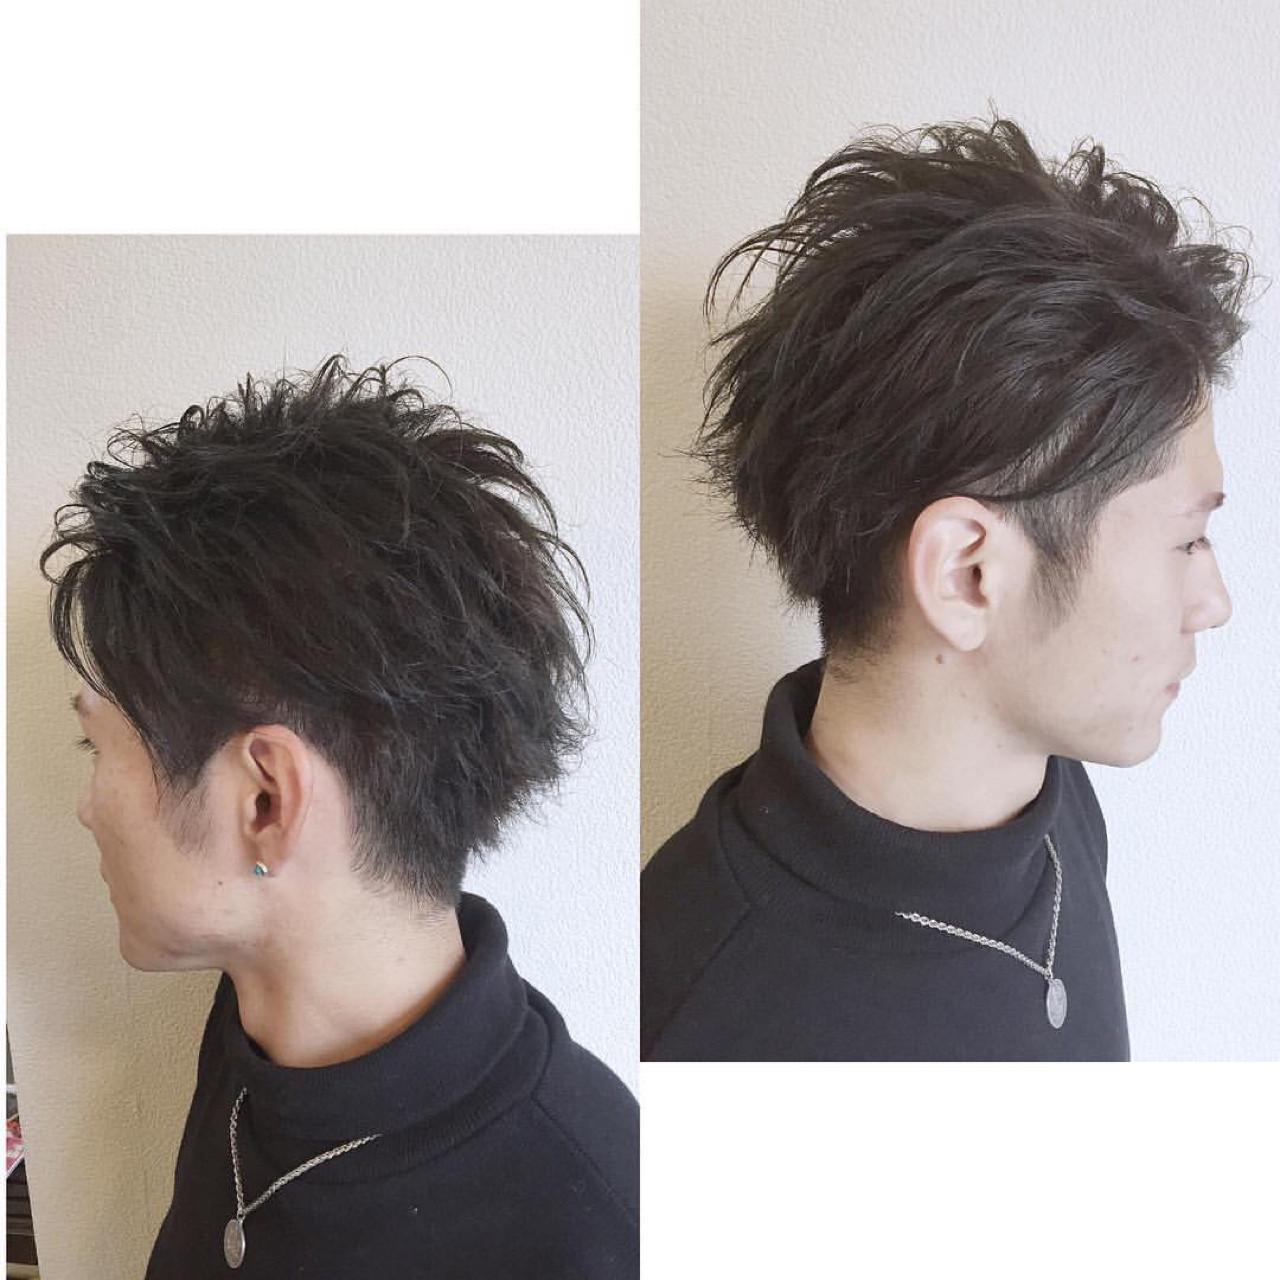 刈り上げ メンズ ボーイッシュ モテ髪 ヘアスタイルや髪型の写真・画像